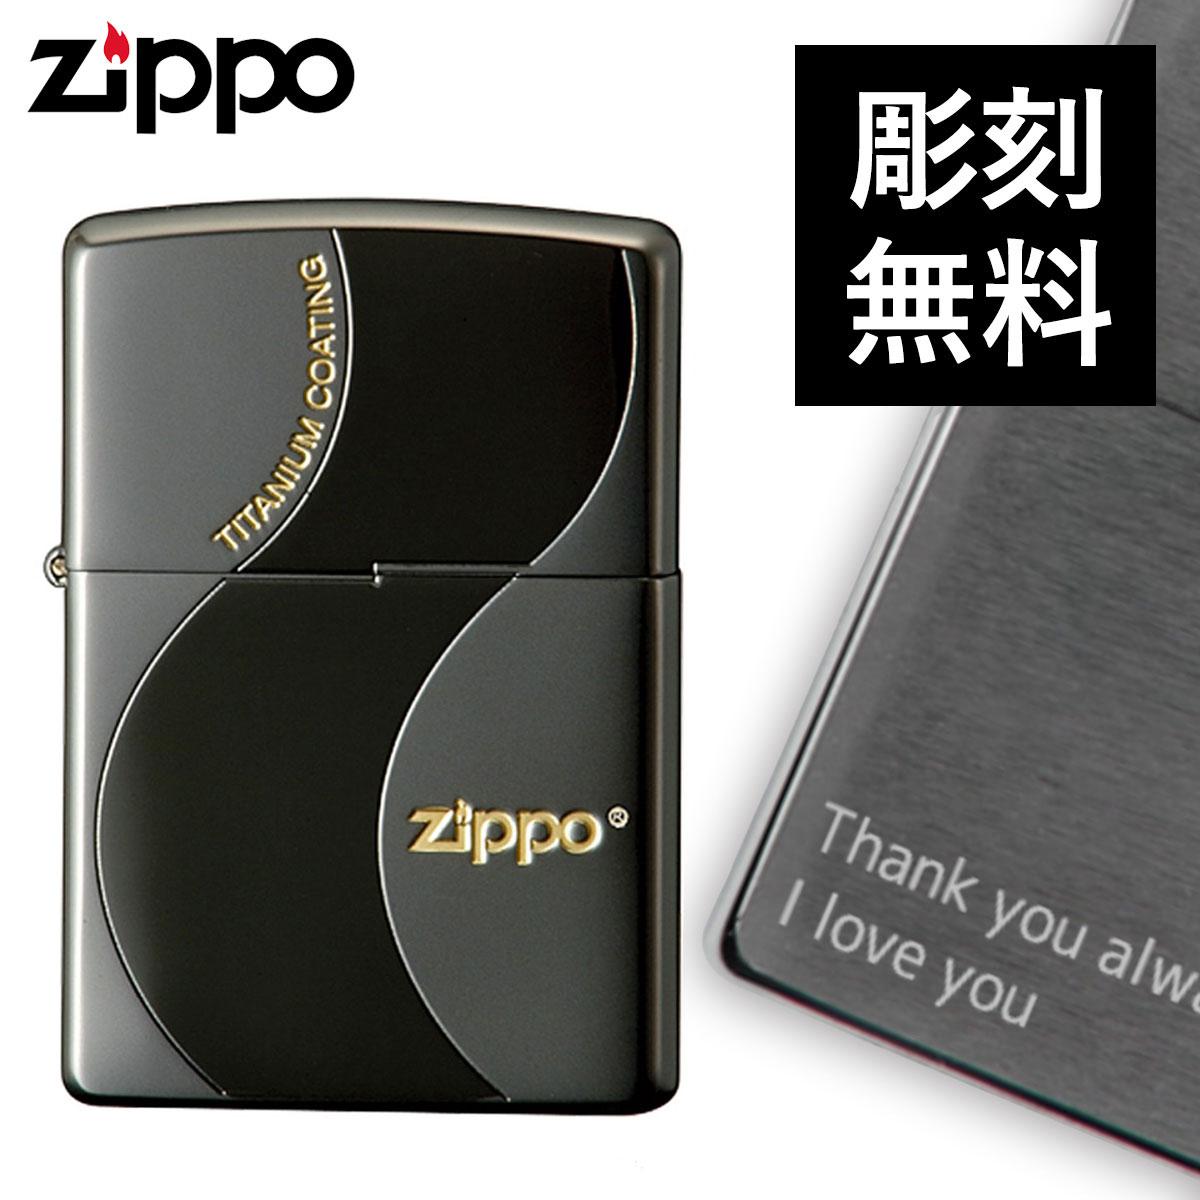 zippo 名入れ ジッポー ライター チタン キズがつきにくい TKZ B オイルライター ジッポライター ギフト プレゼント 彼氏 男性 メンズ